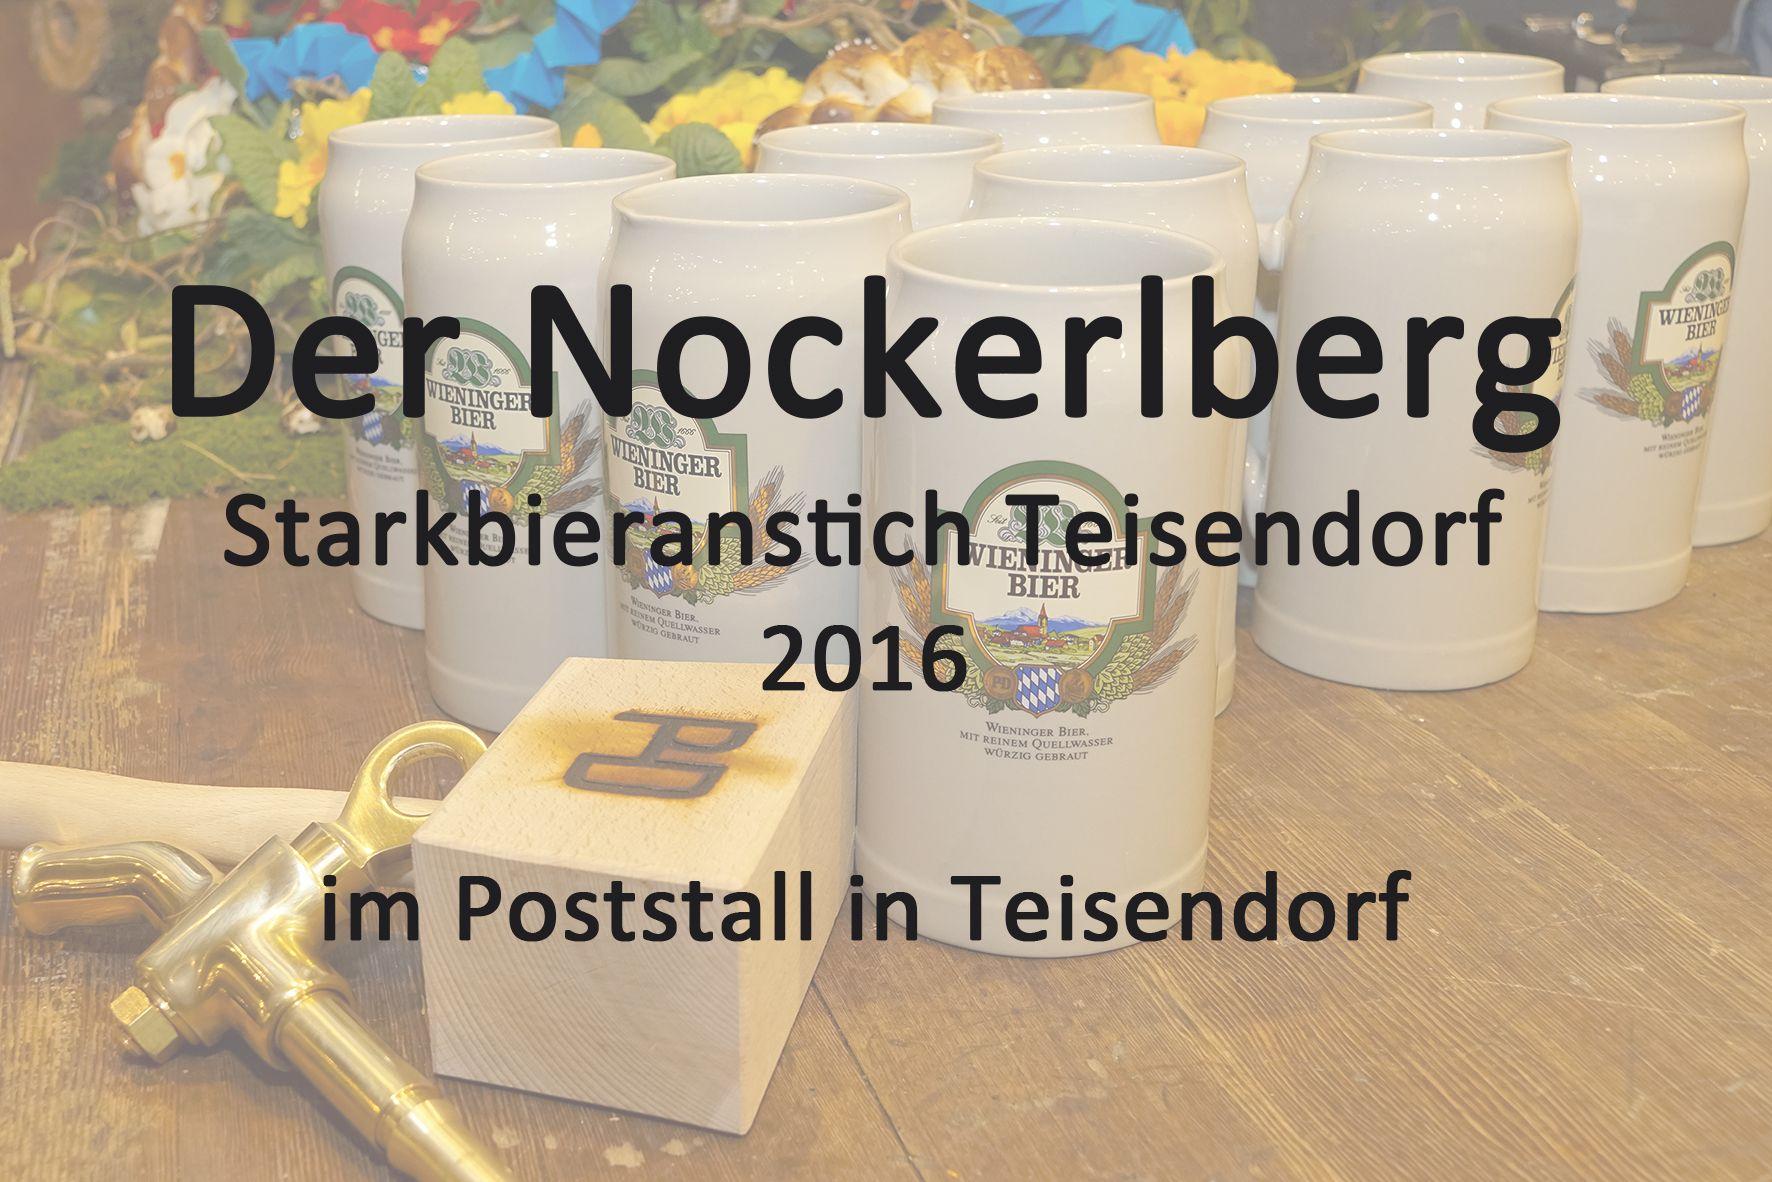 Starkbieranstich 2016 in Teisendorf im Poststall https://www.youtube.com/watch?v=6aKKB3-gP1Q